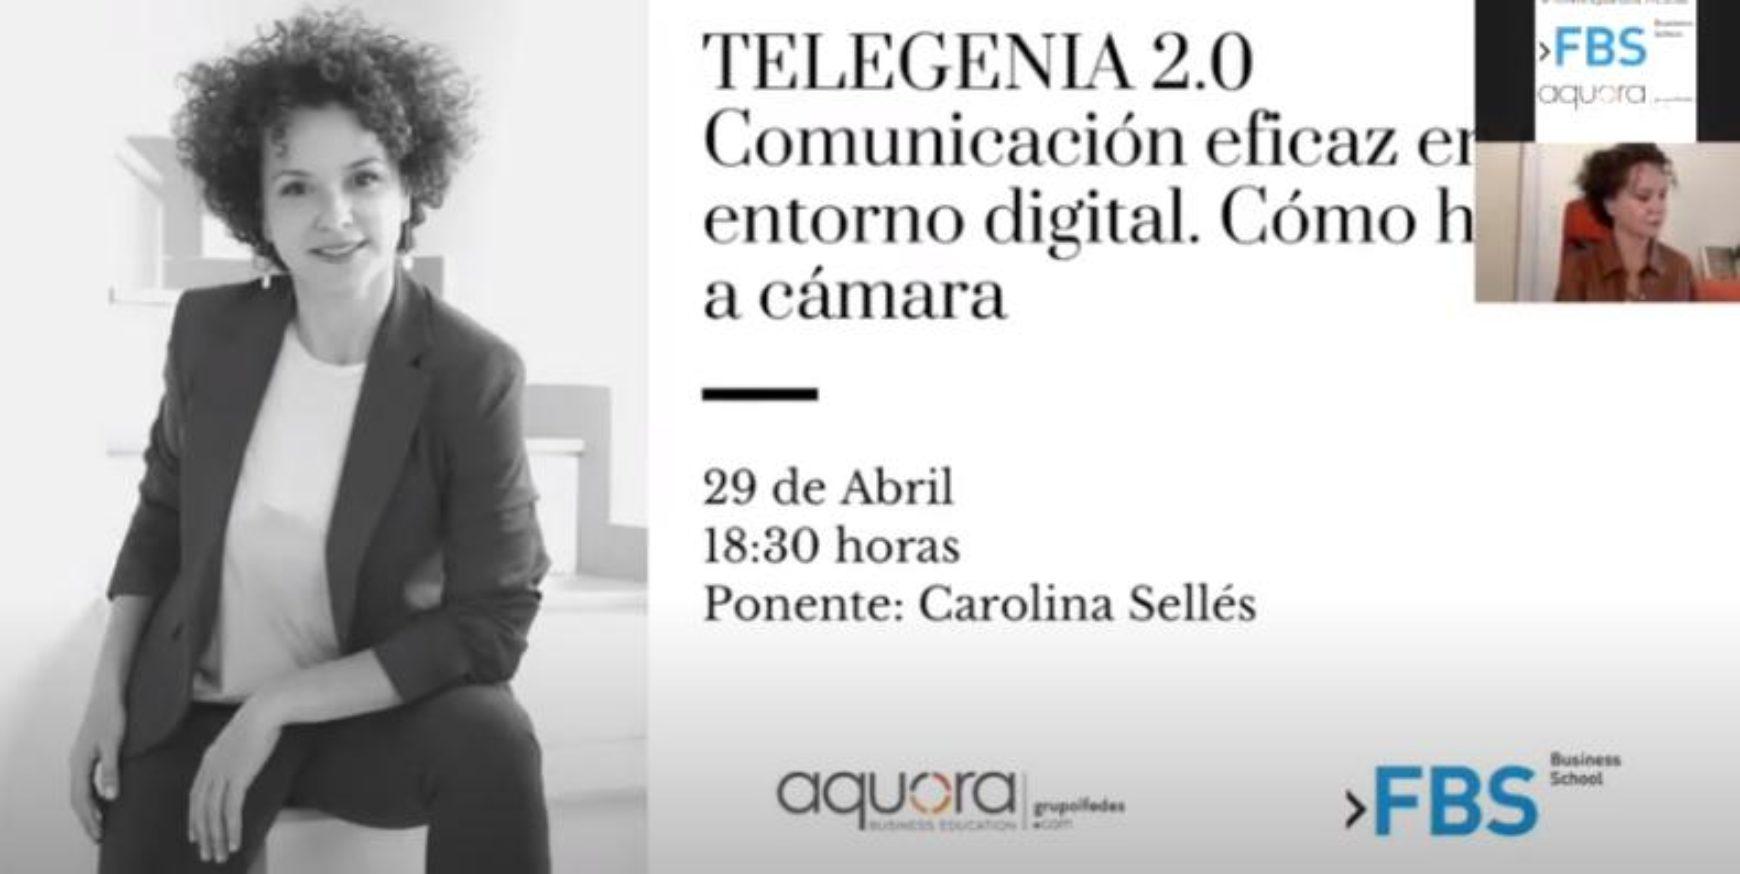 Telegenia 2.0: Comunicación eficaz en un entorno digital. Cómo hablar a cámara.